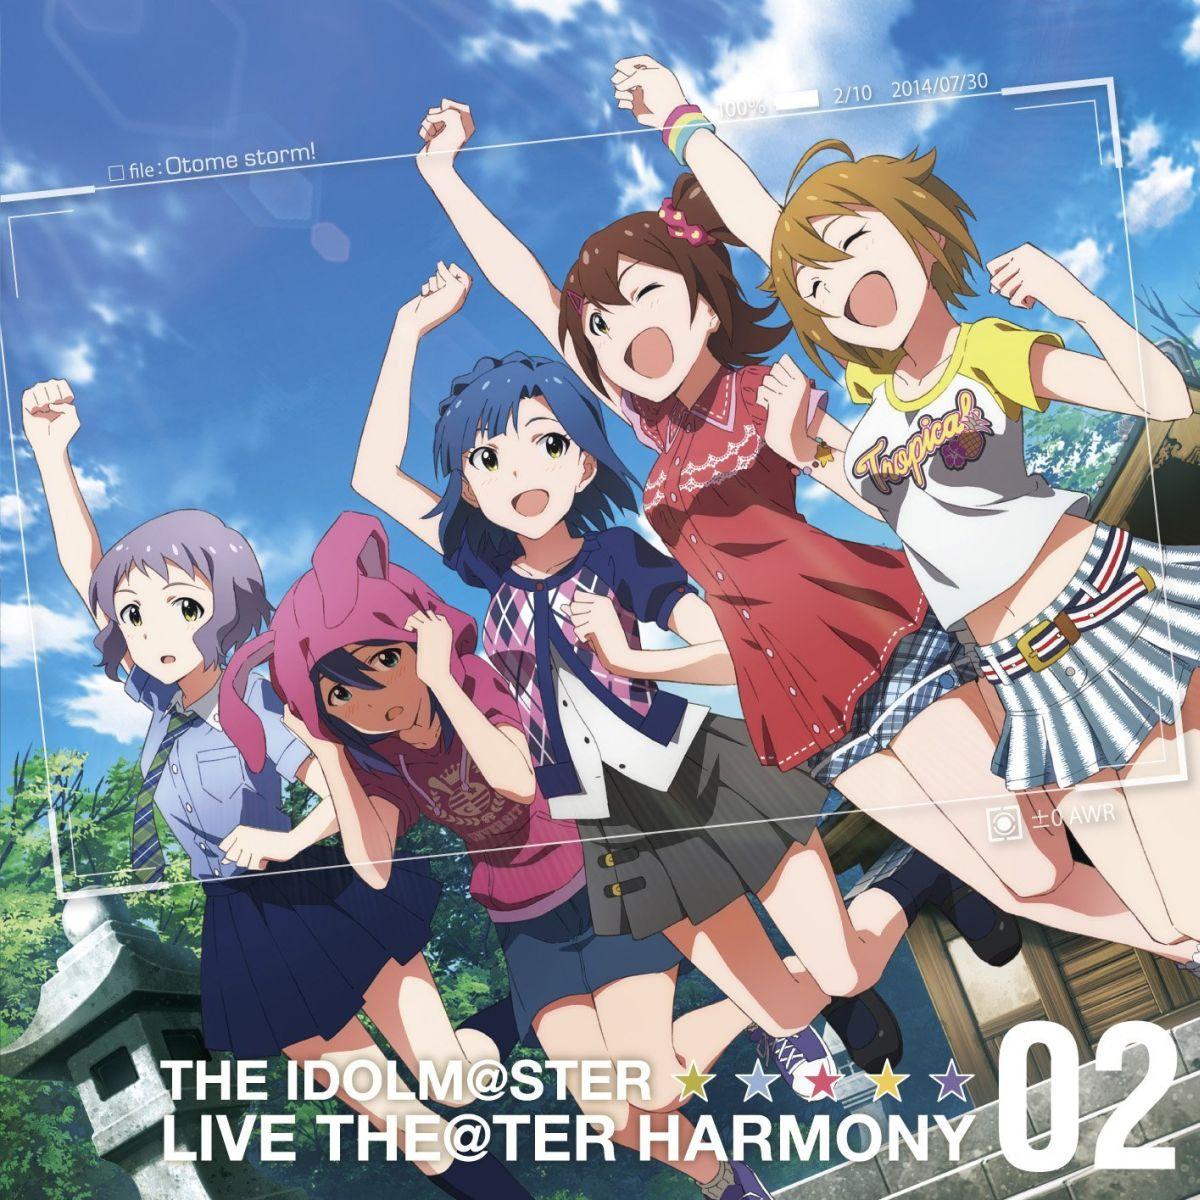 『アイドルマスター ミリオンライブ!』::THE IDOLM@STER LIVE THE@TER HARMONY 02乙女ストーム!